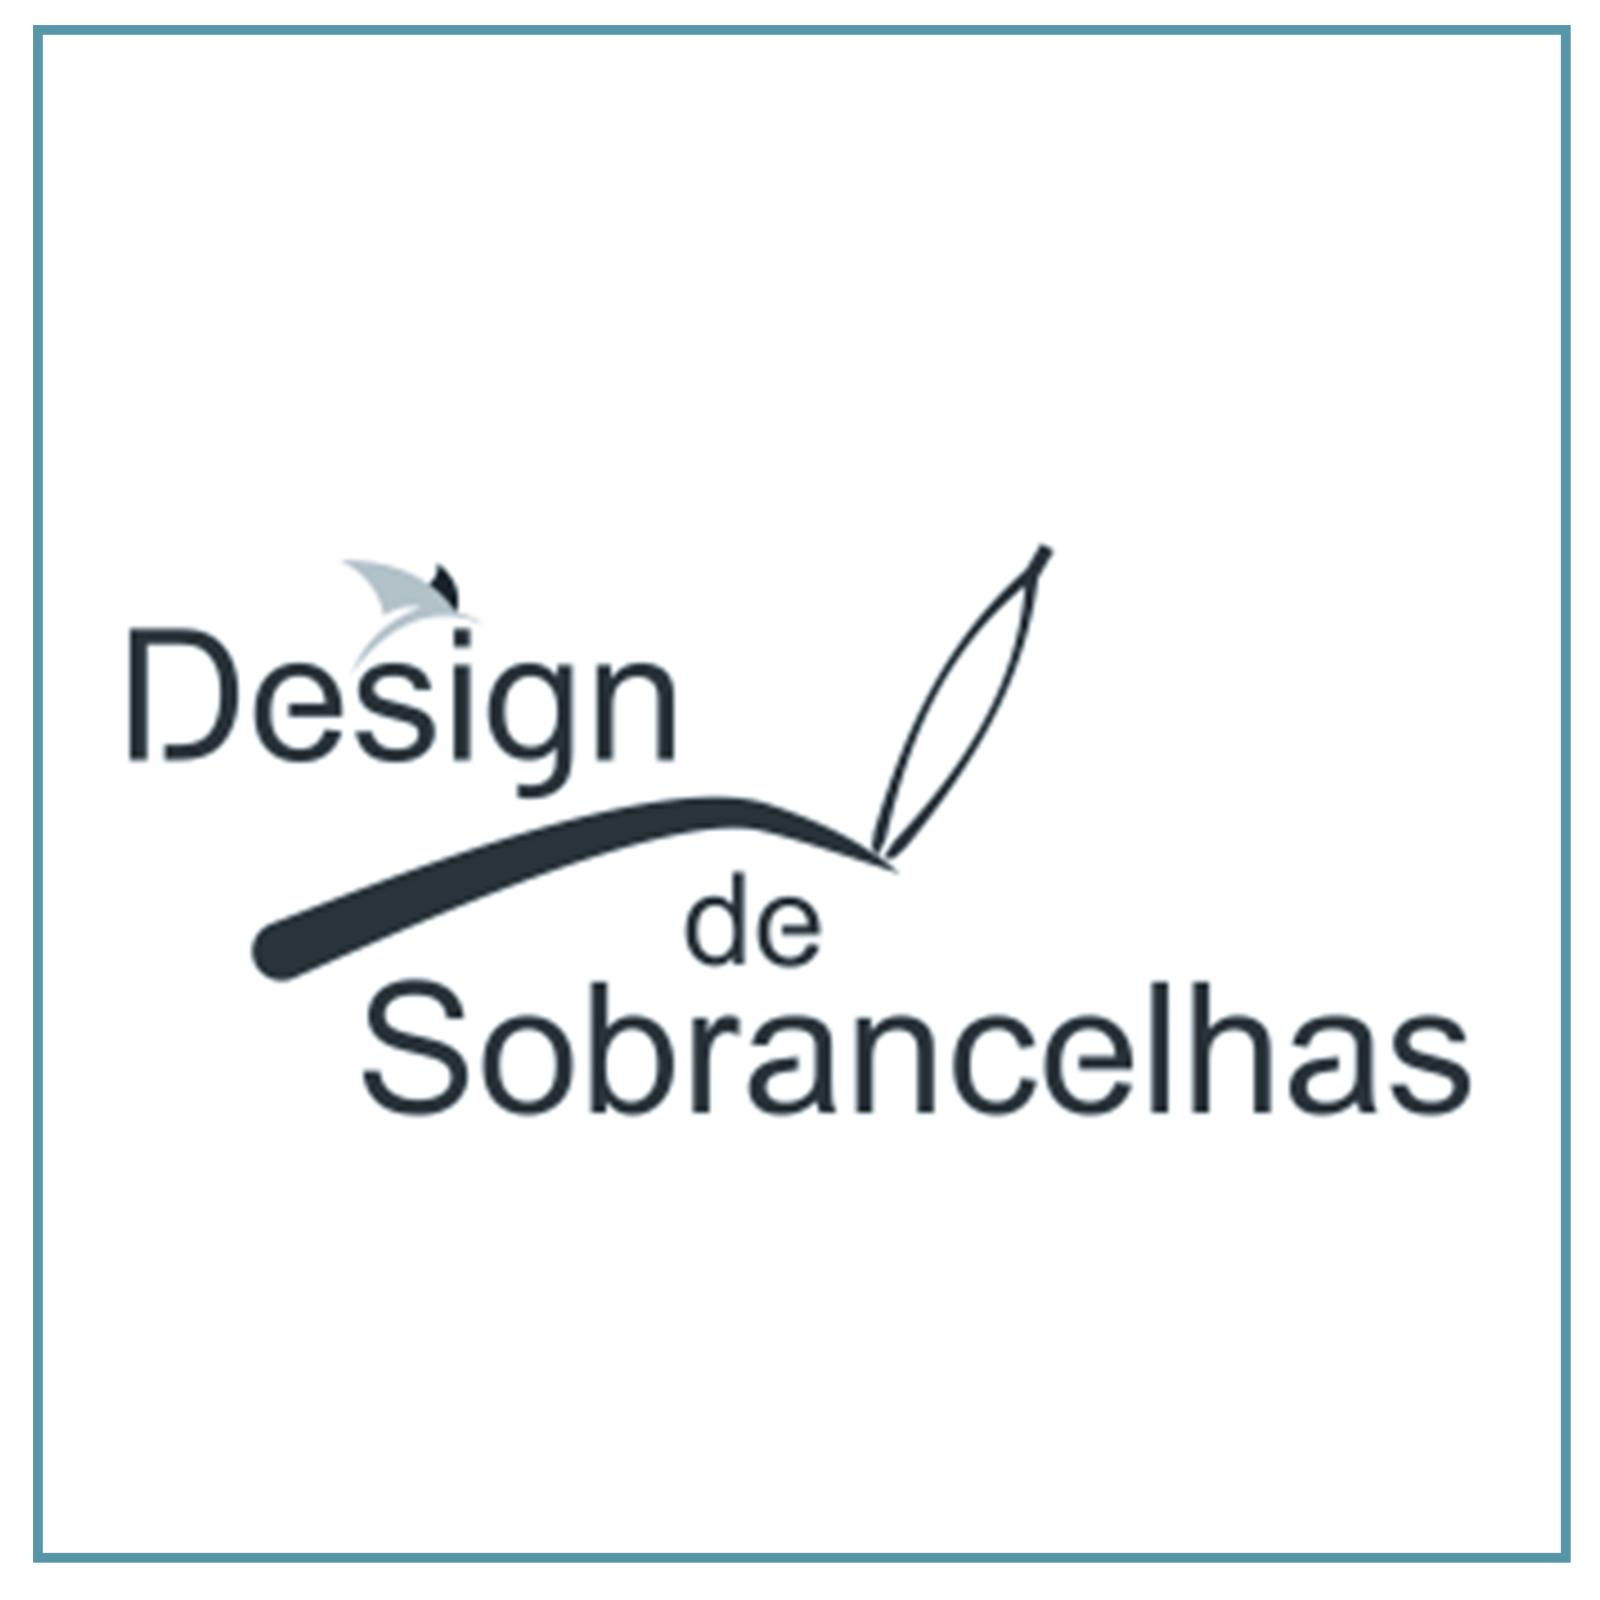 DESIGN DE SOBRANCELHAS - RB Kollors